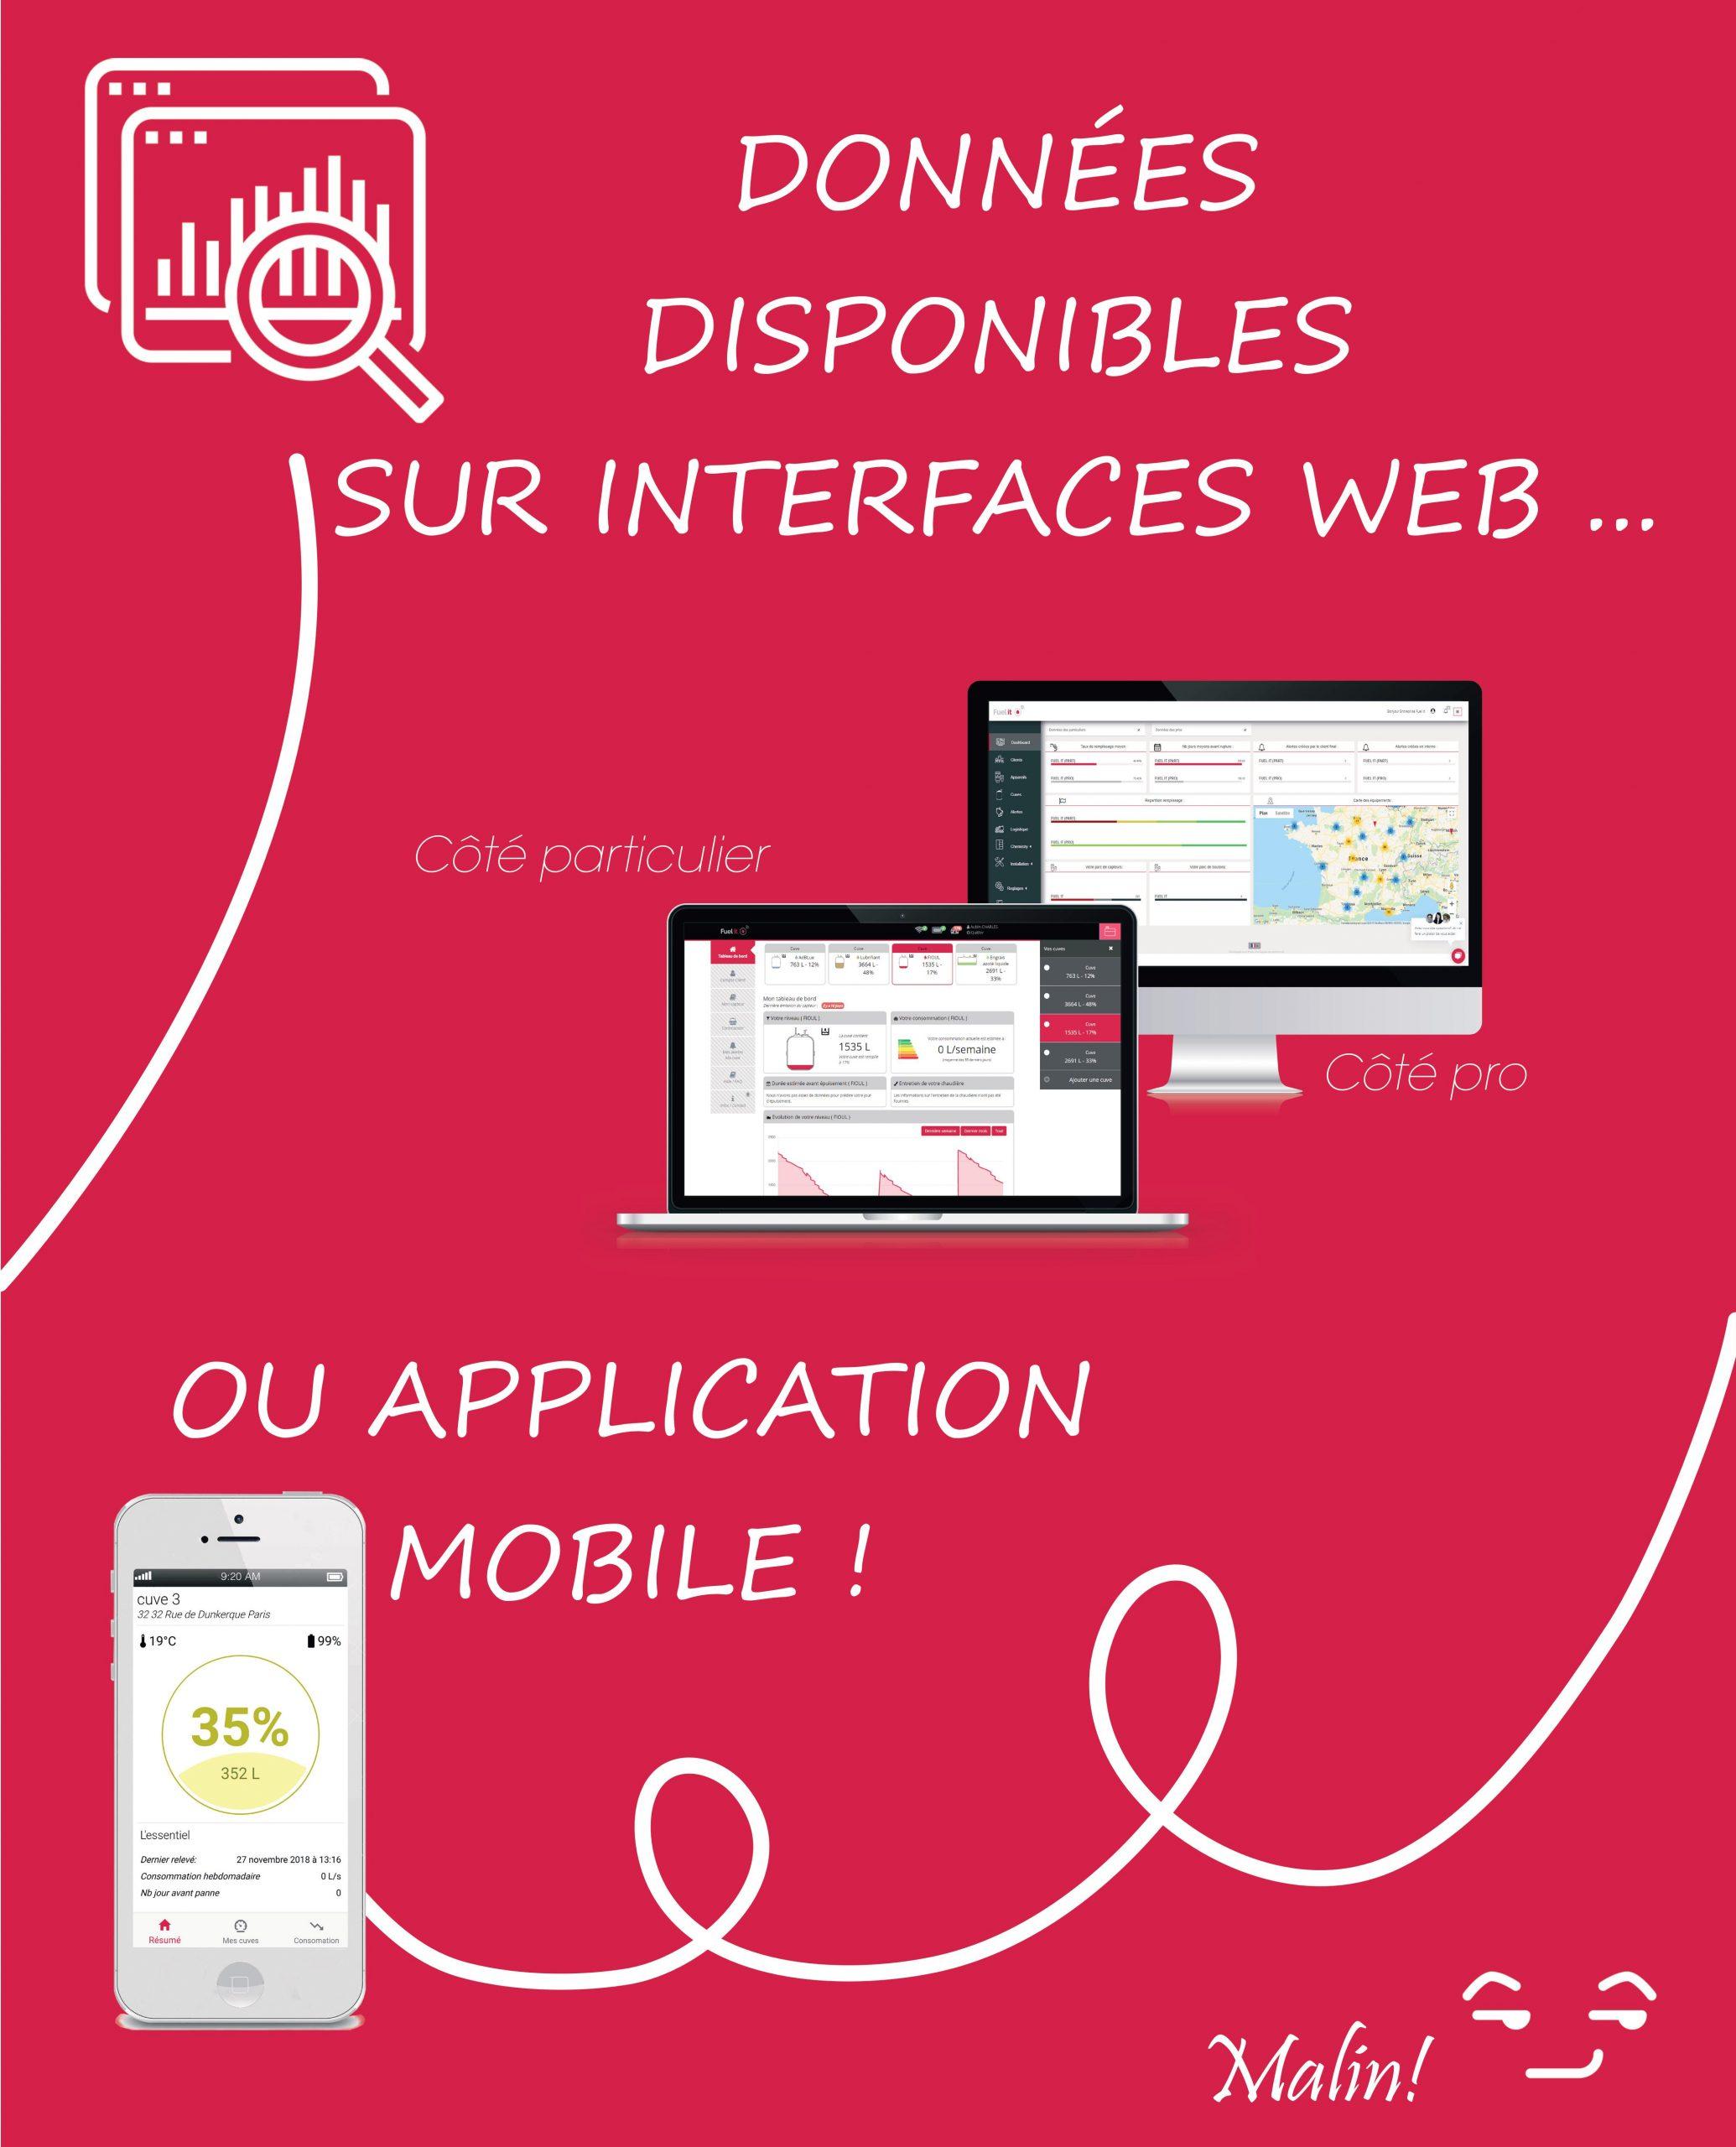 données disponibles sur interface web et appli mobile